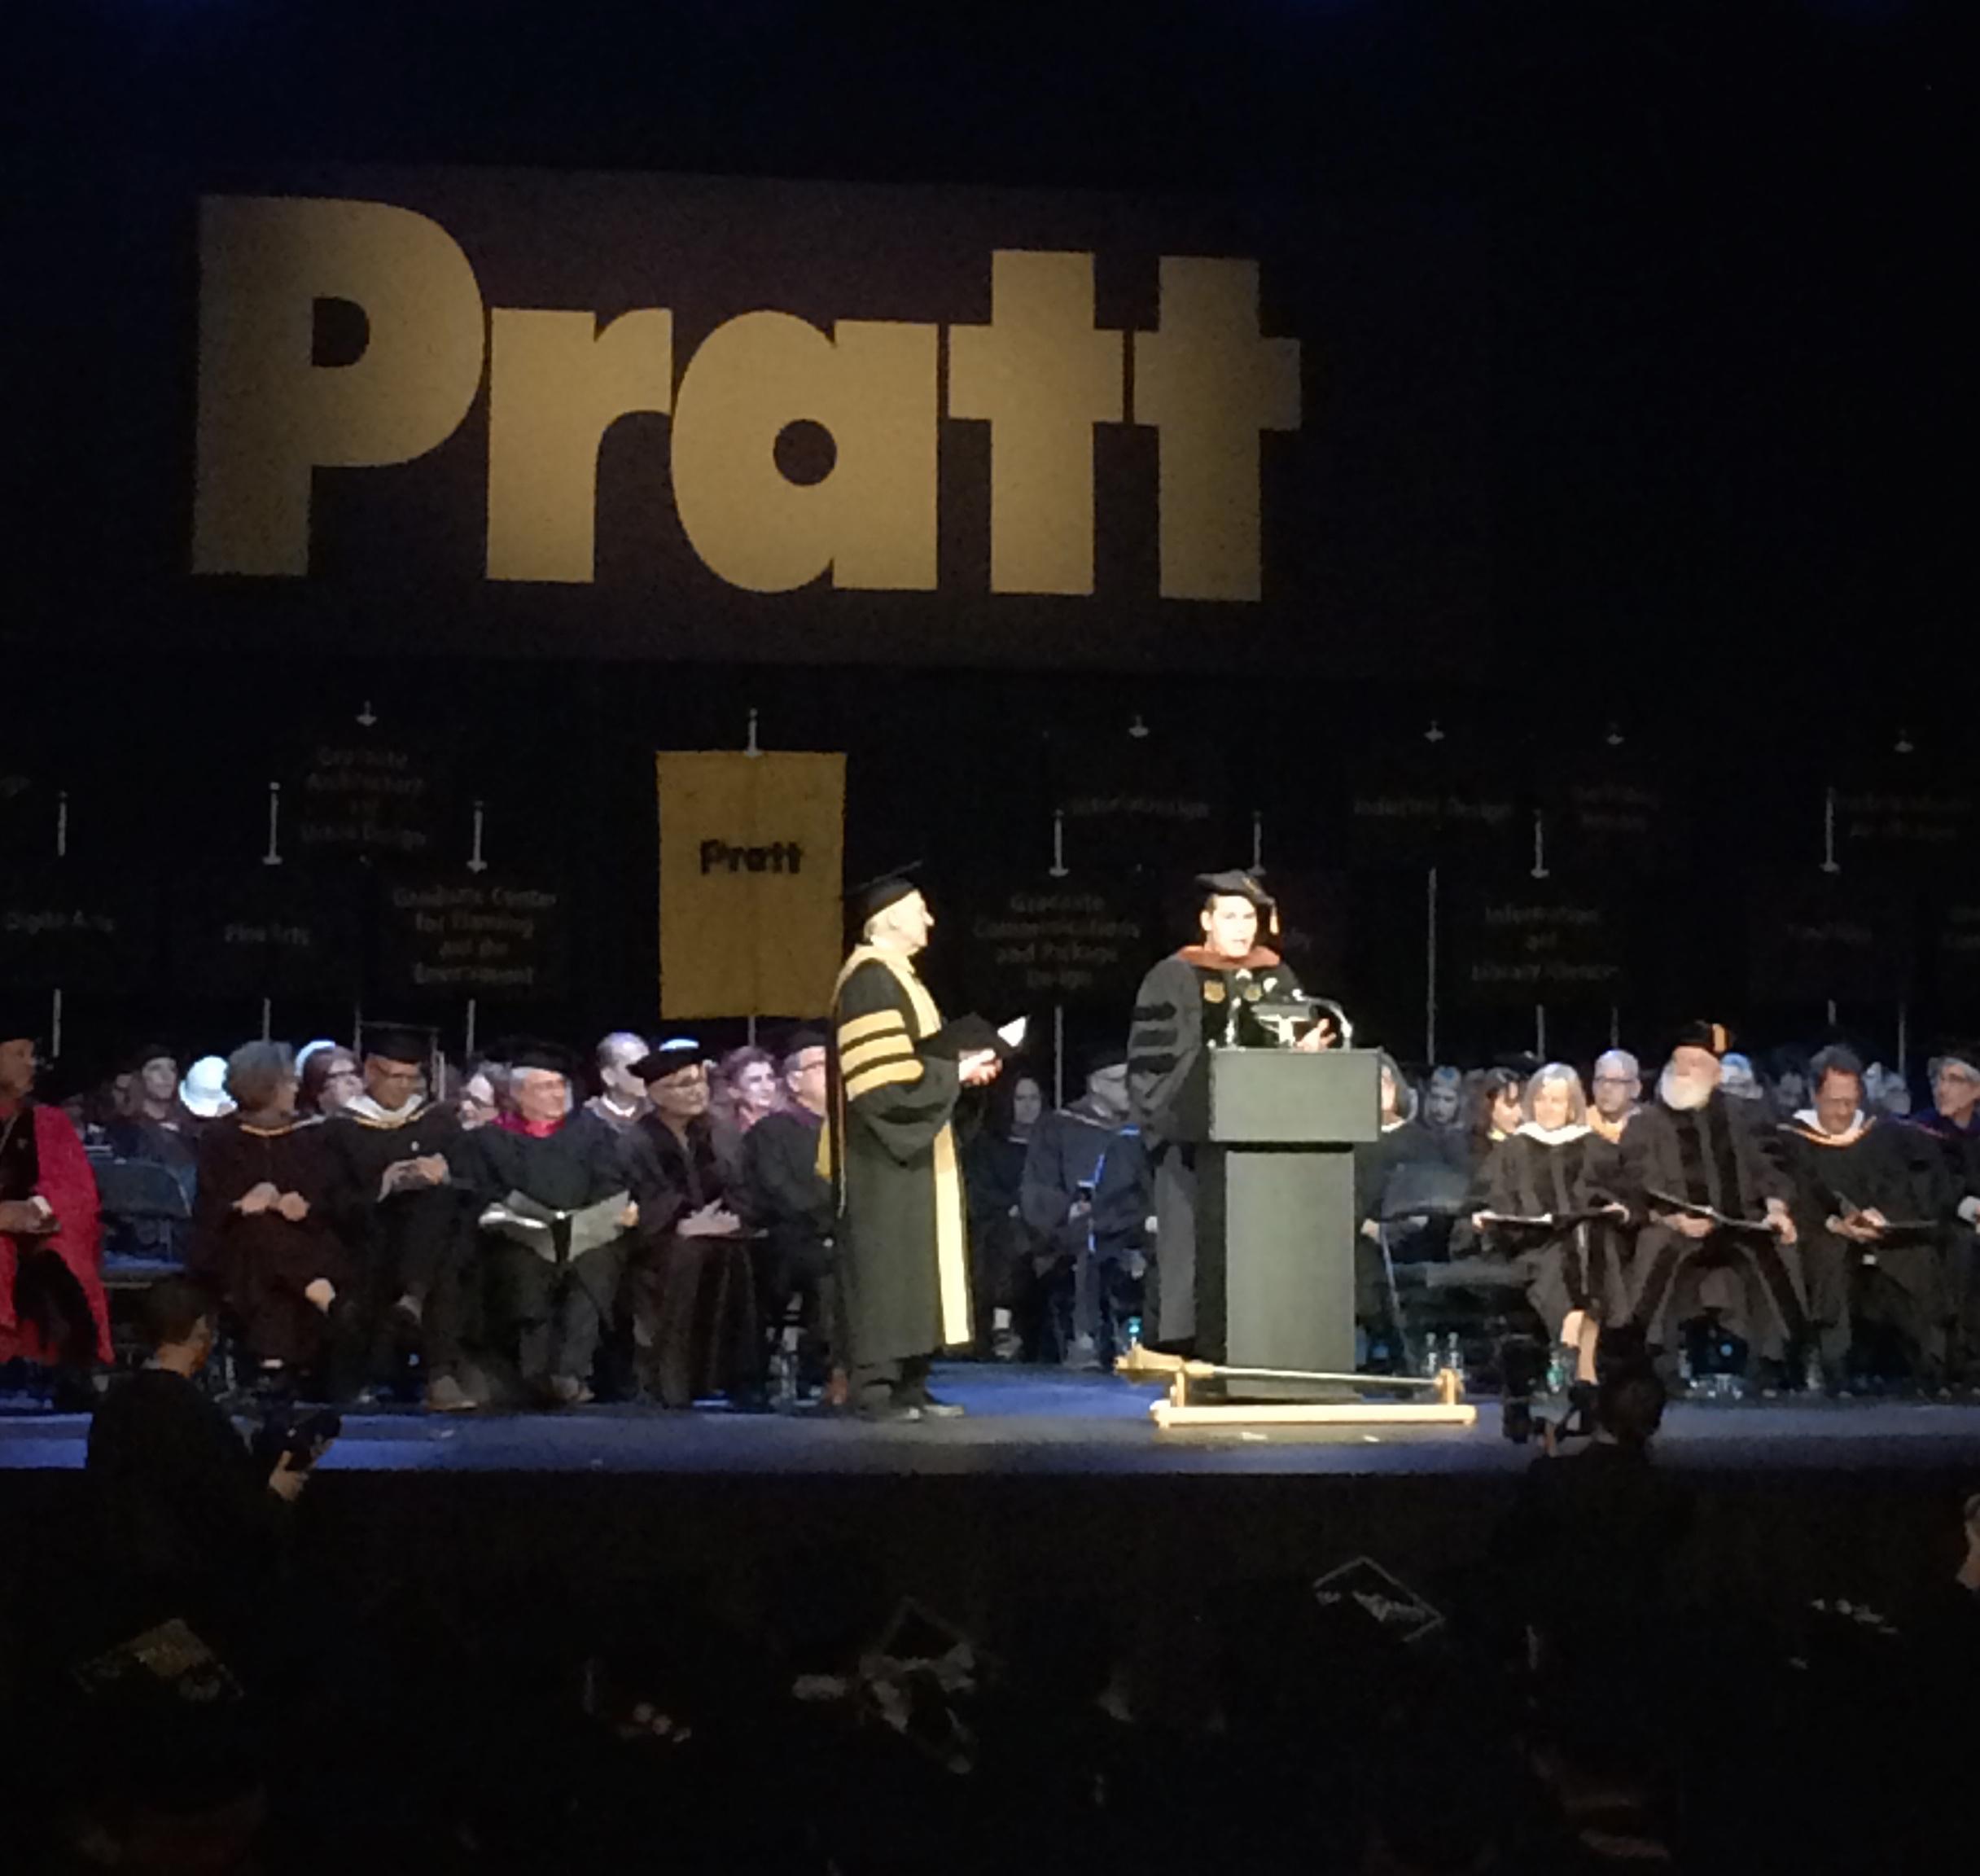 pratt institute essays For the new sat, the additional essay is fee waiver code from the pratt institute freshmen applying to any of pratt's bachelor degree programs.